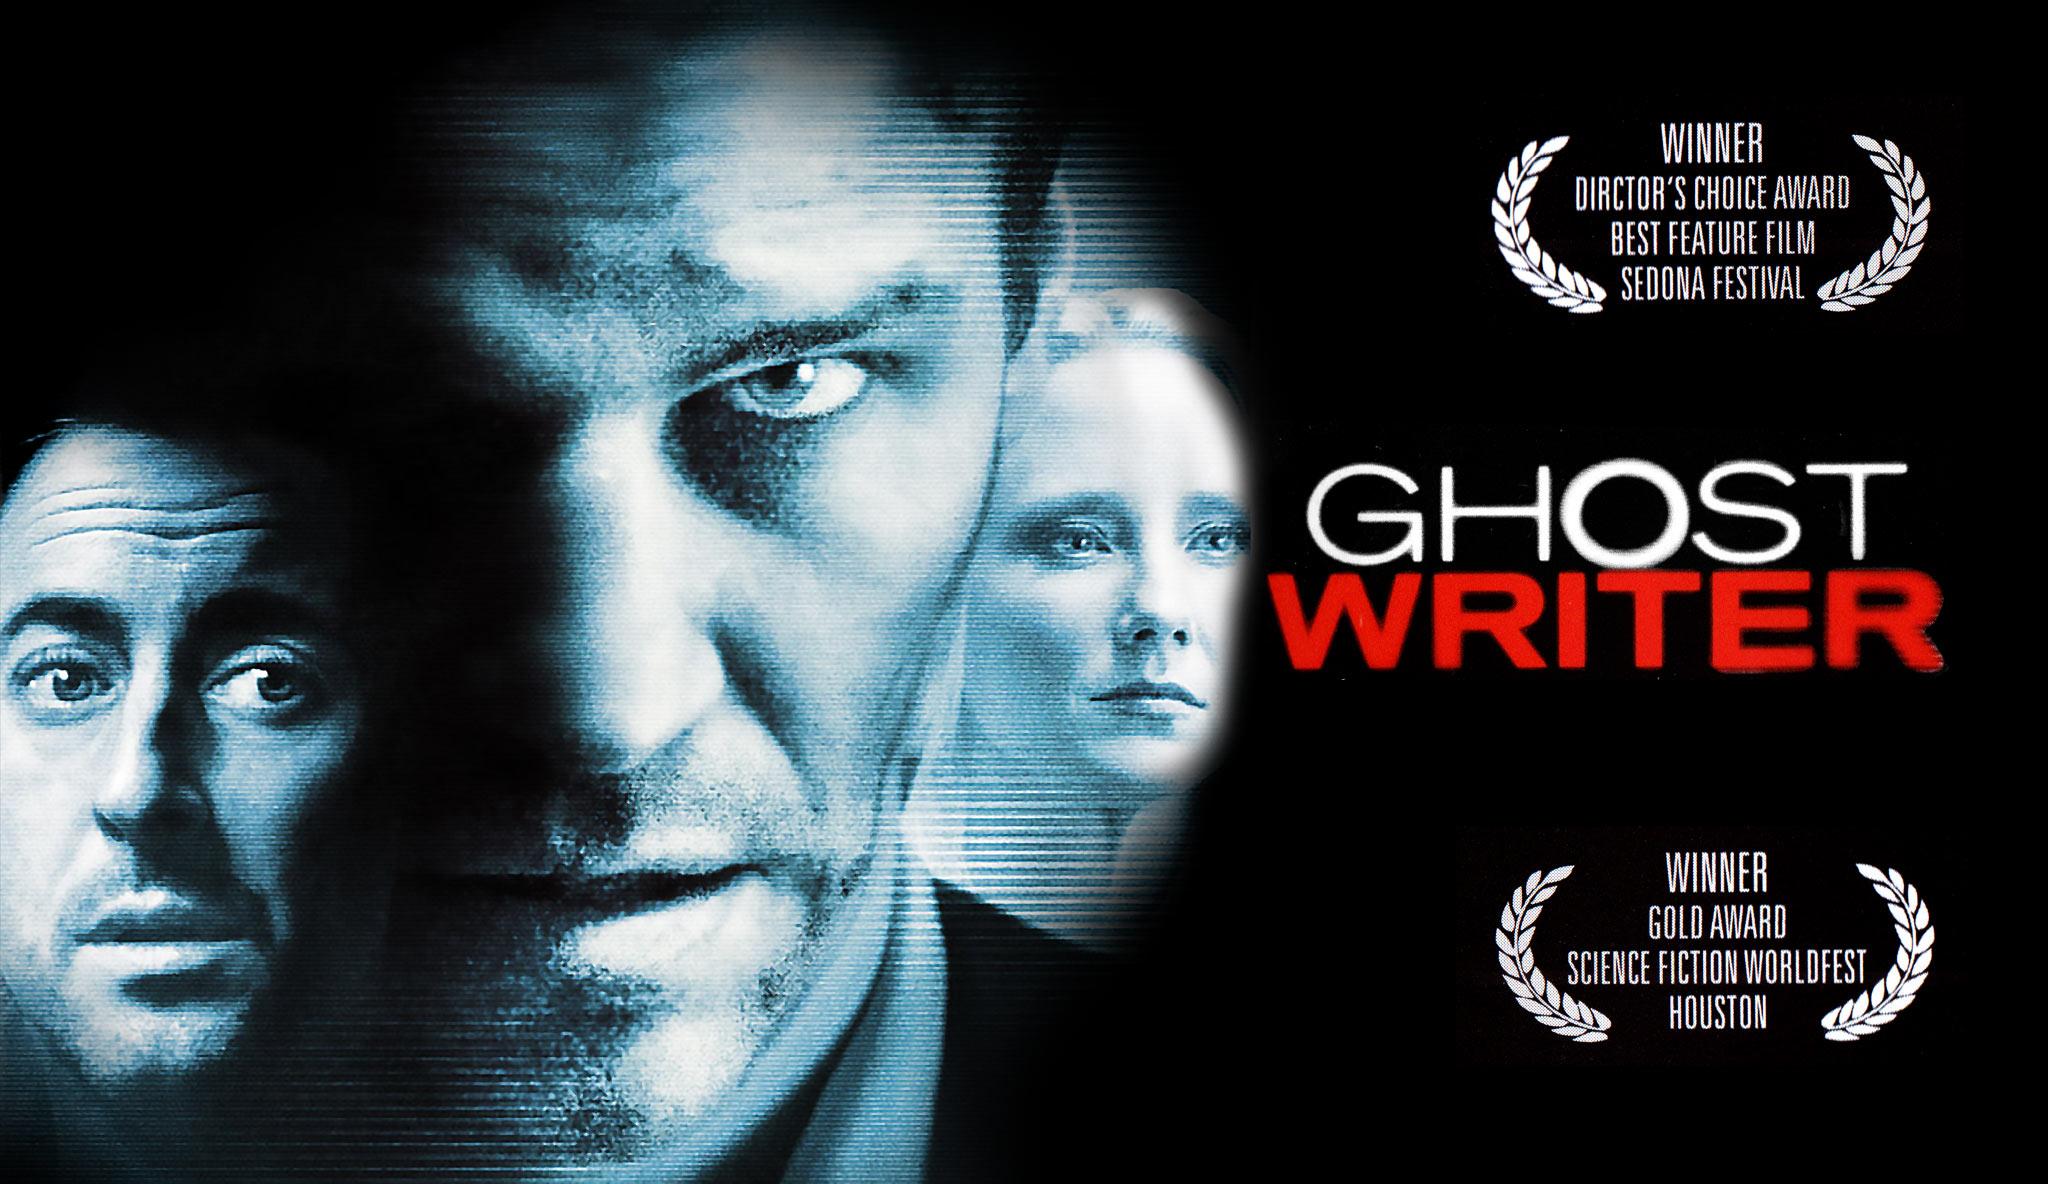 ghost-writer-nichts-wird-mehr-so-sein-wie-vorher\header.jpg